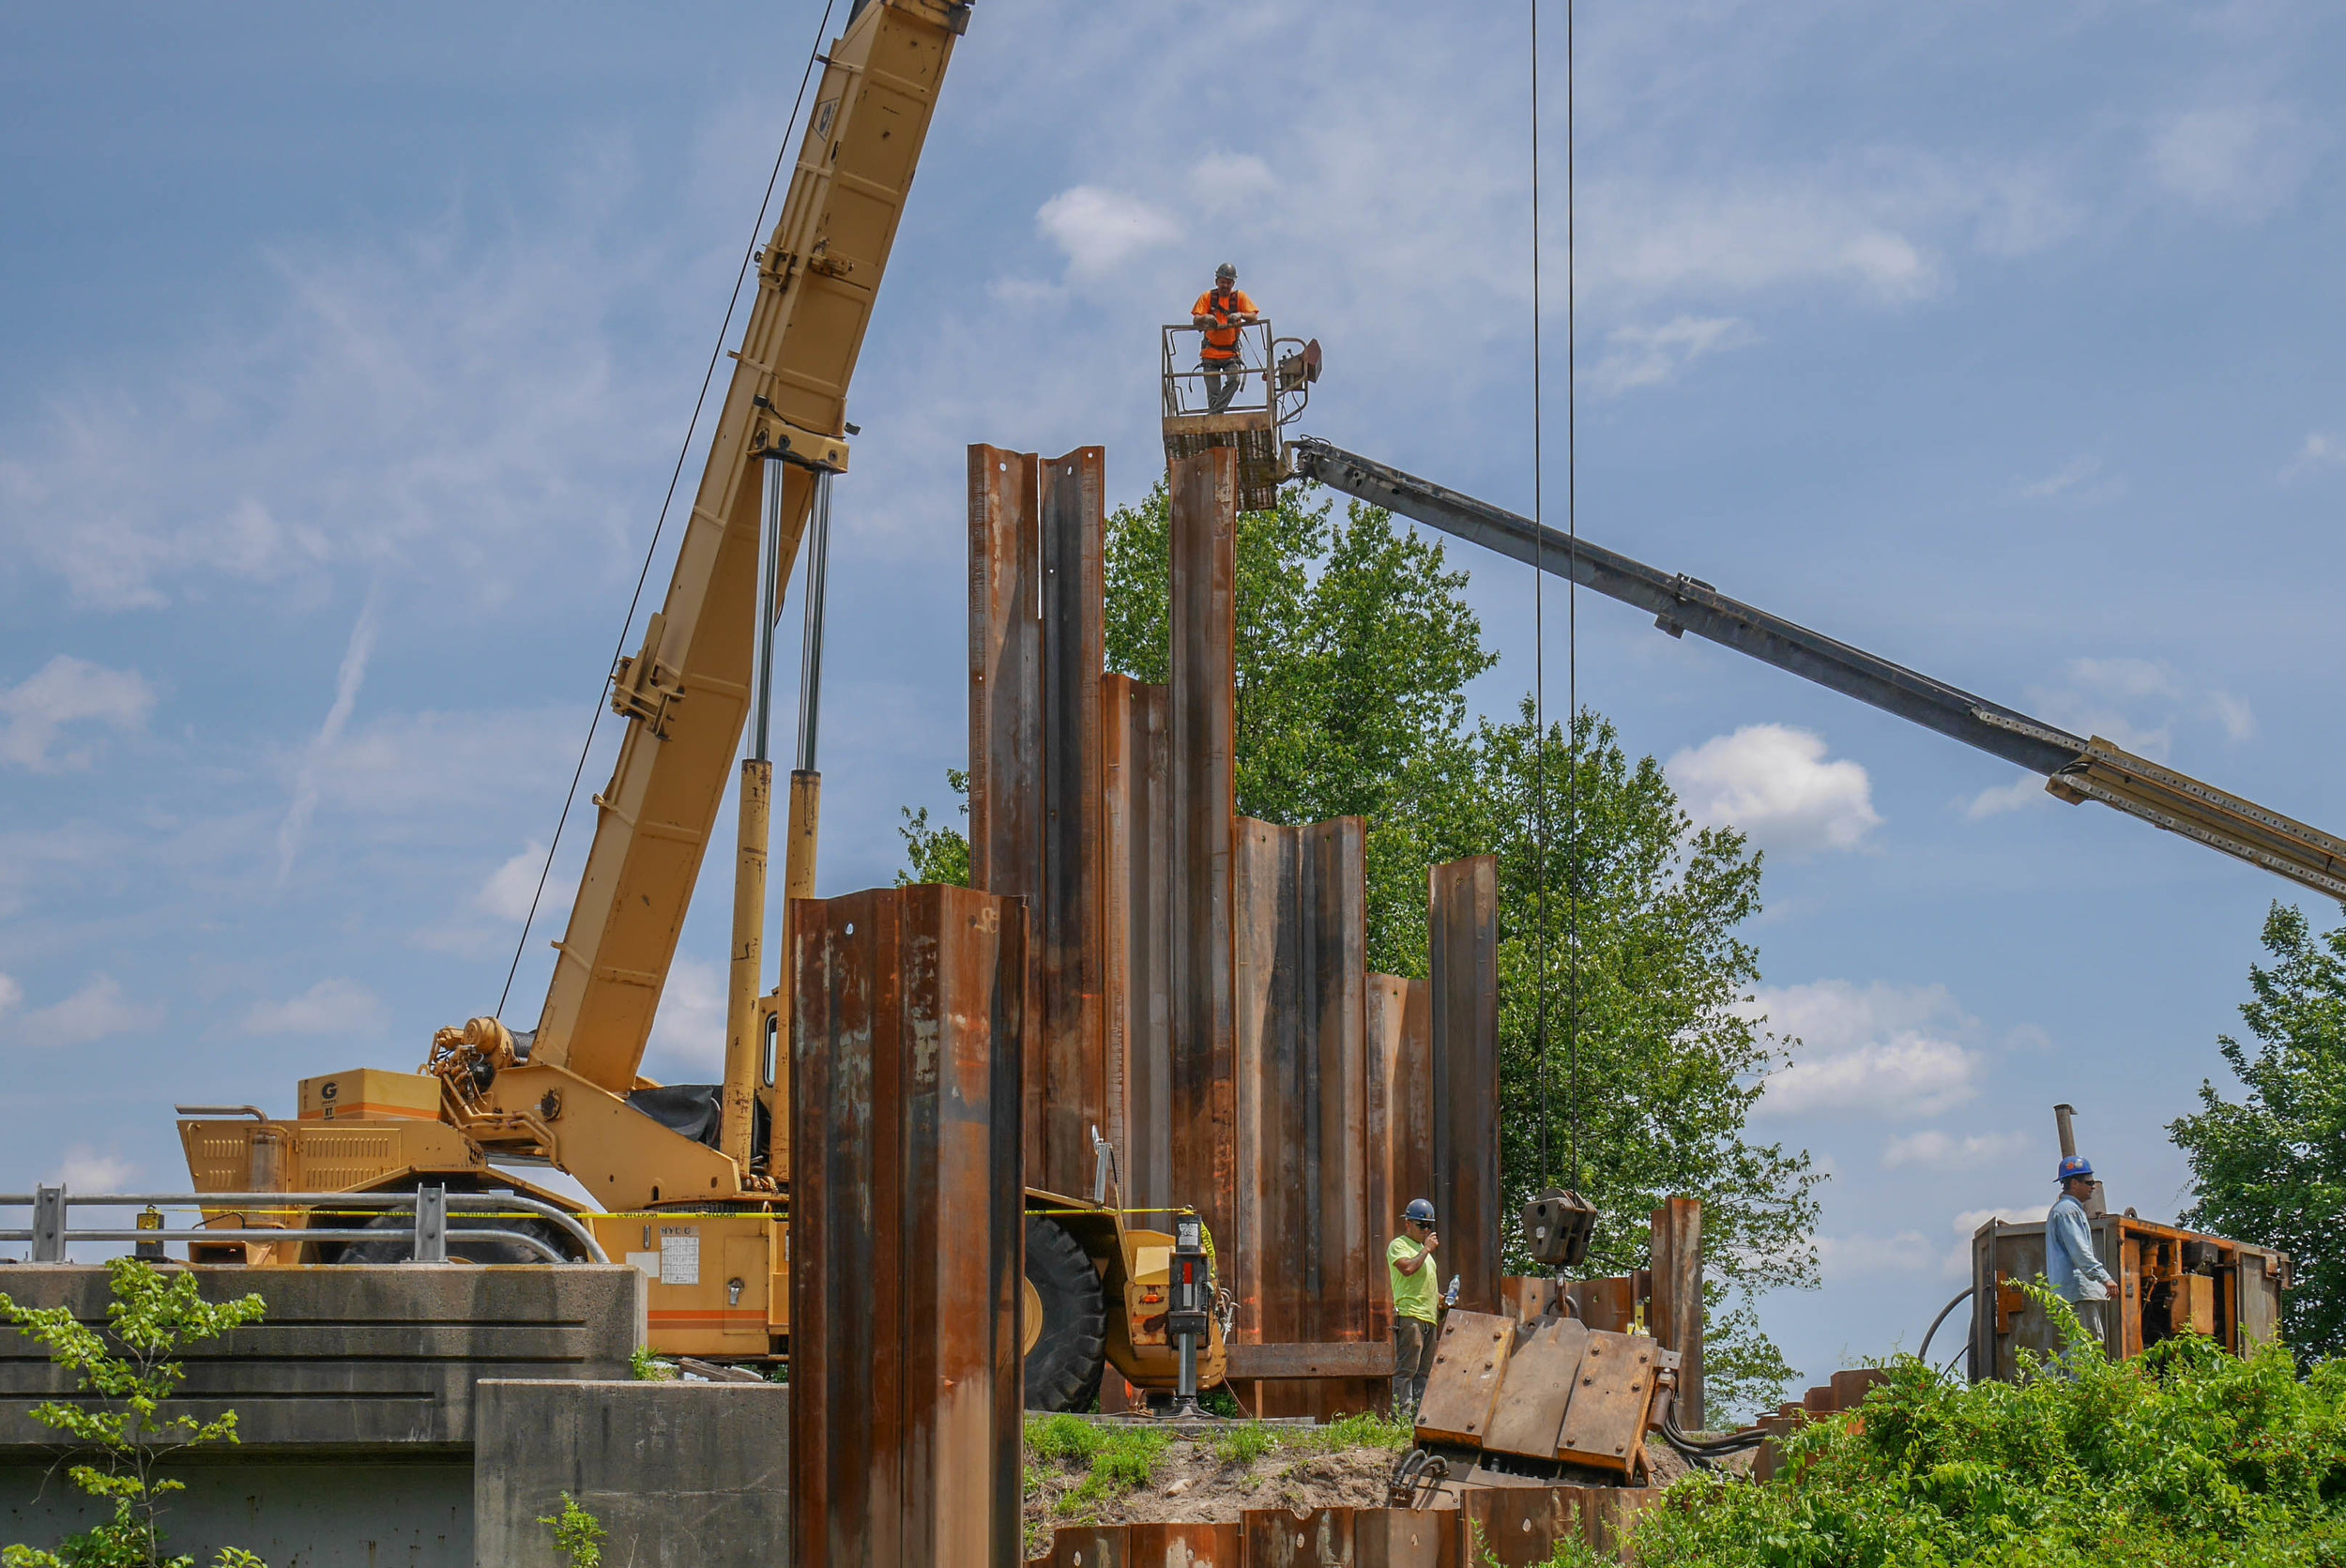 Bridge Construction - Litchfield, CT